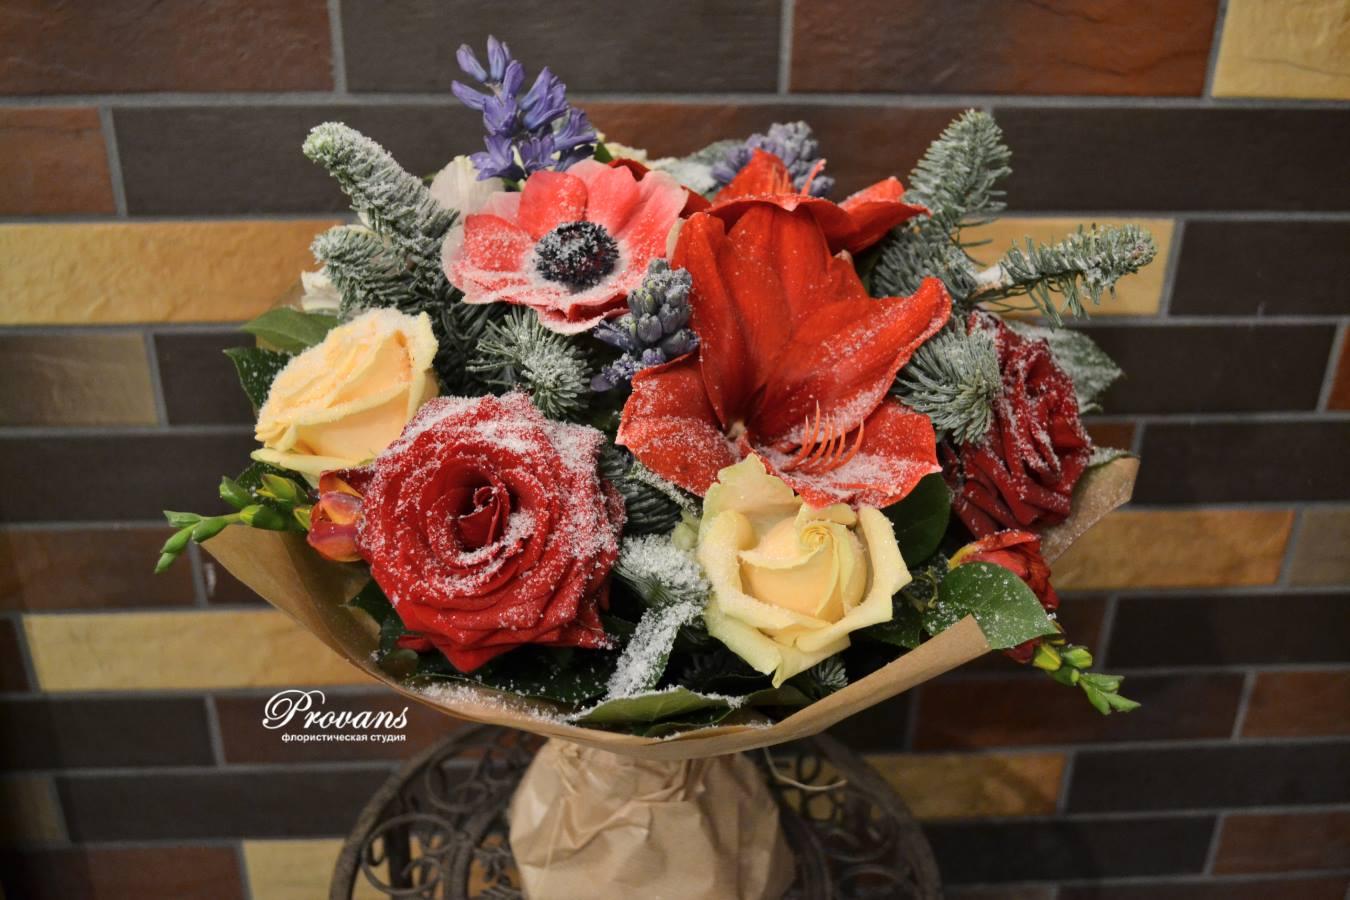 Зимний букет со снегом. Амариллис, розы, анемоны, гиацинты, фрезия